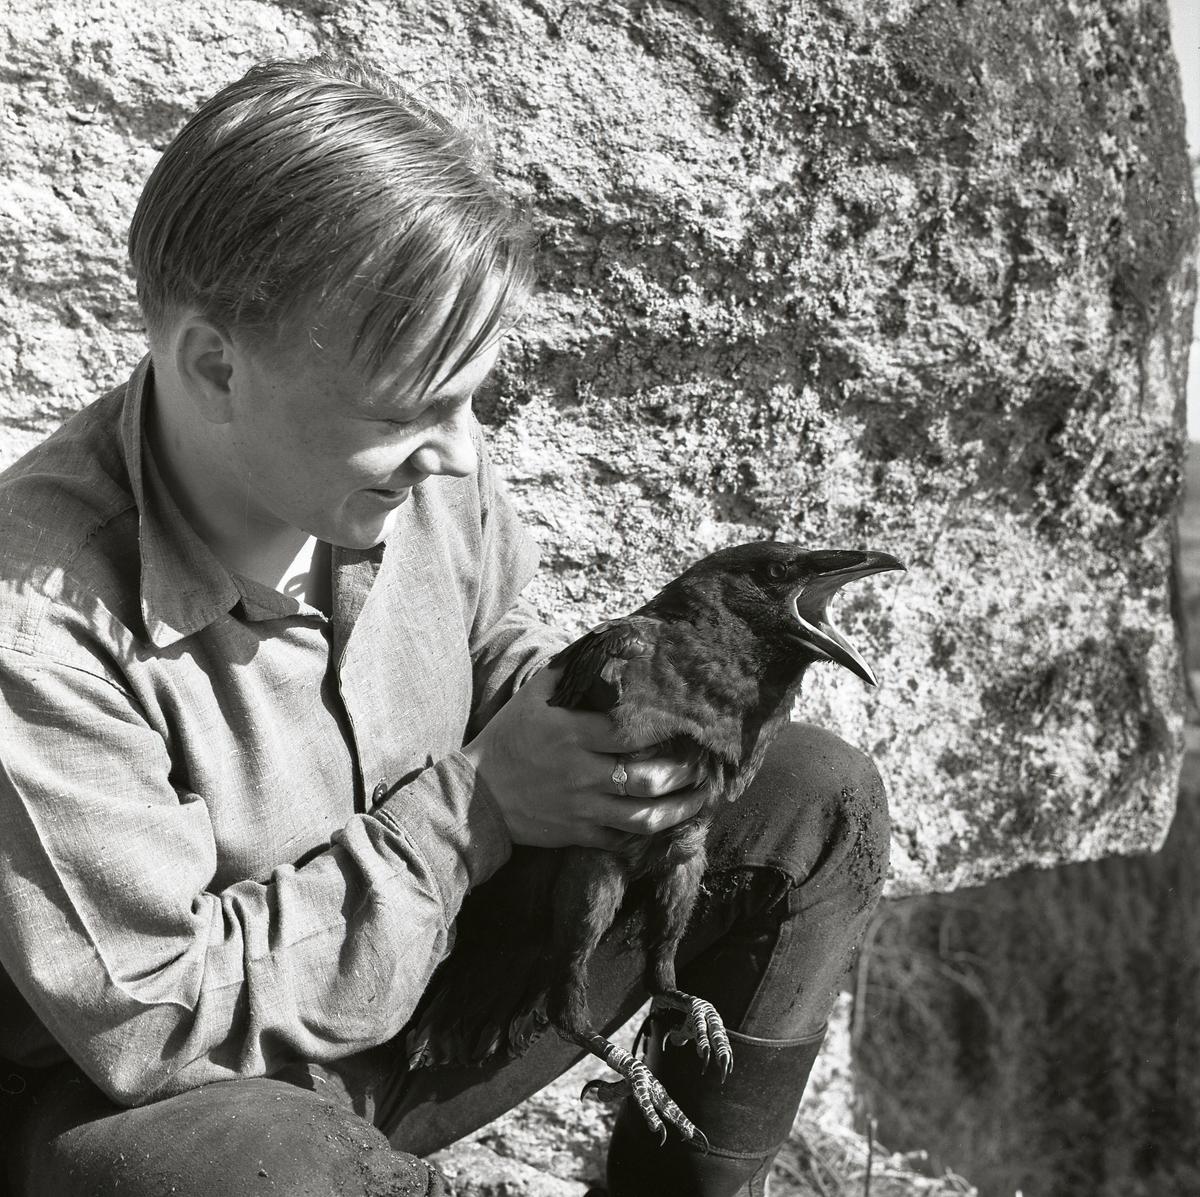 Närbild av en pojke som sitter vid en klippa och håller i en korp, maj 1962.